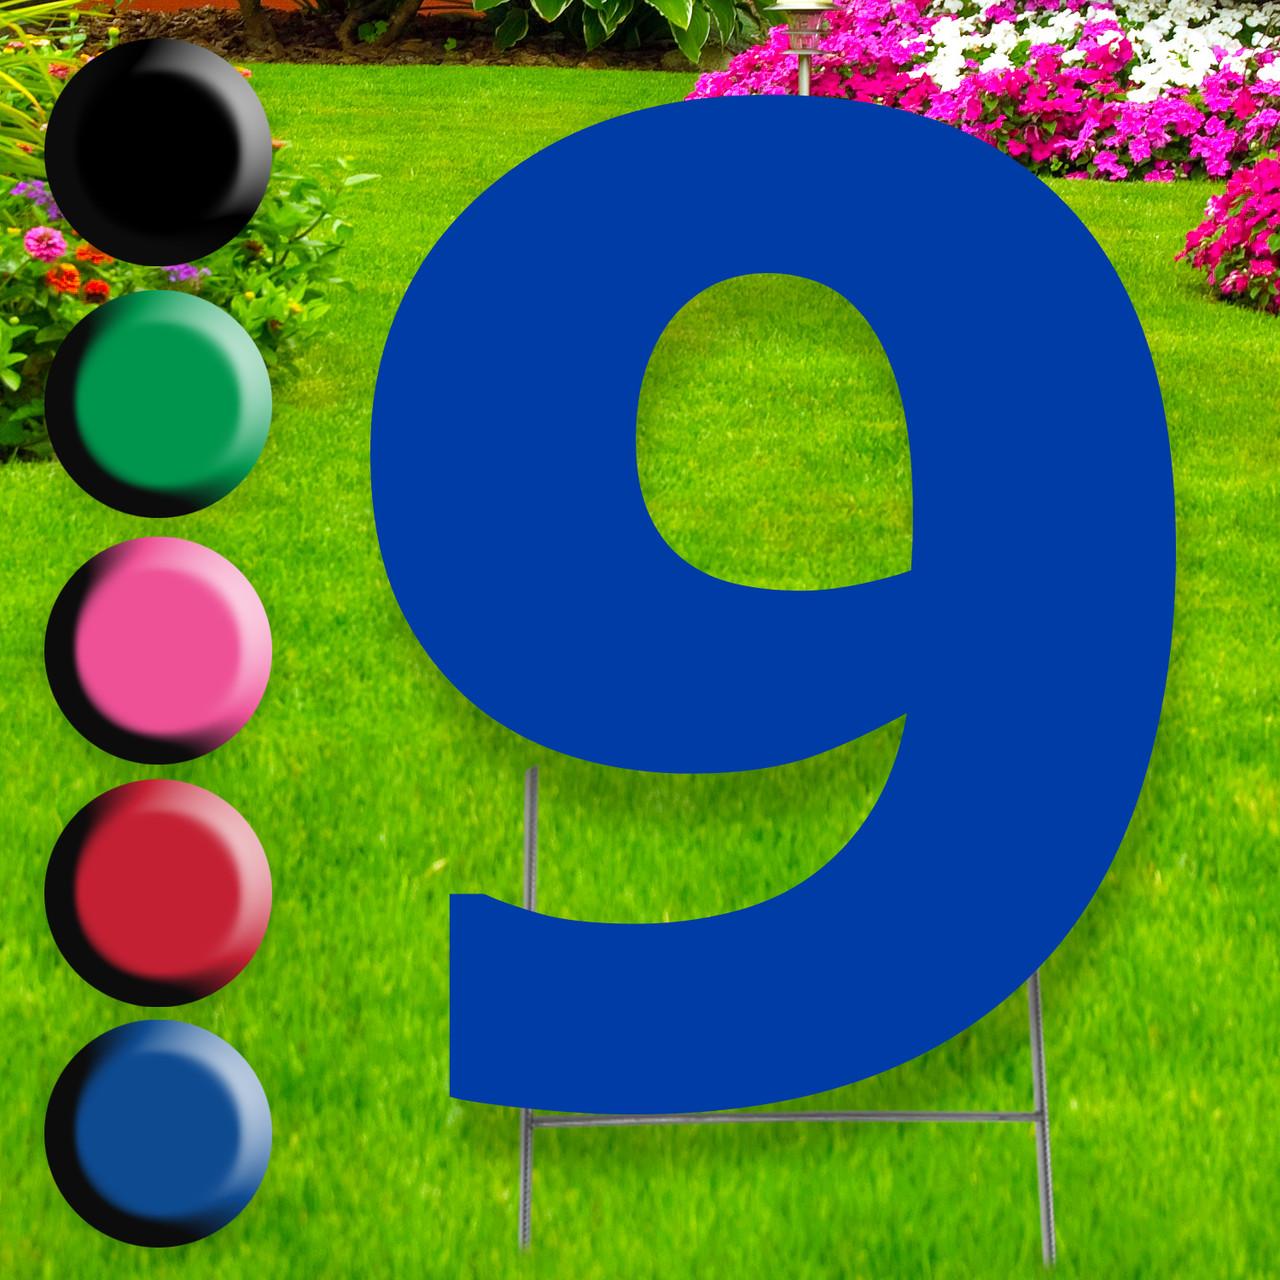 Number 9 yard sign